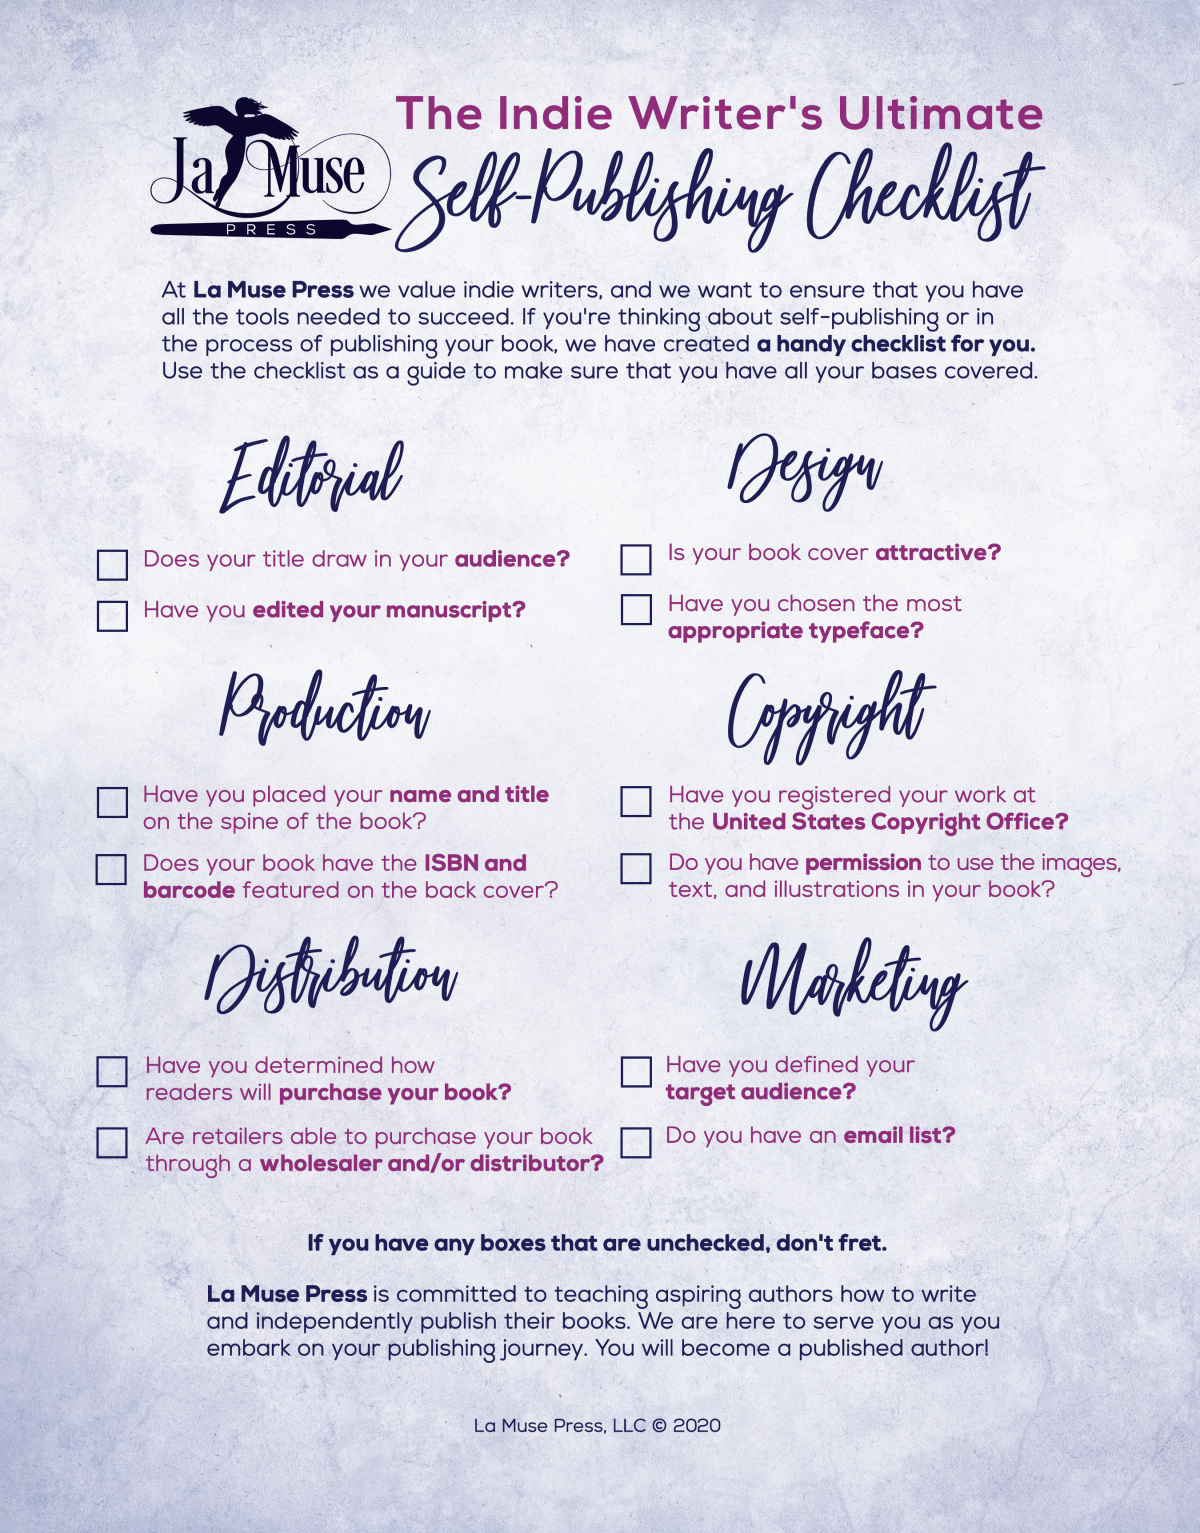 Checklist poster design